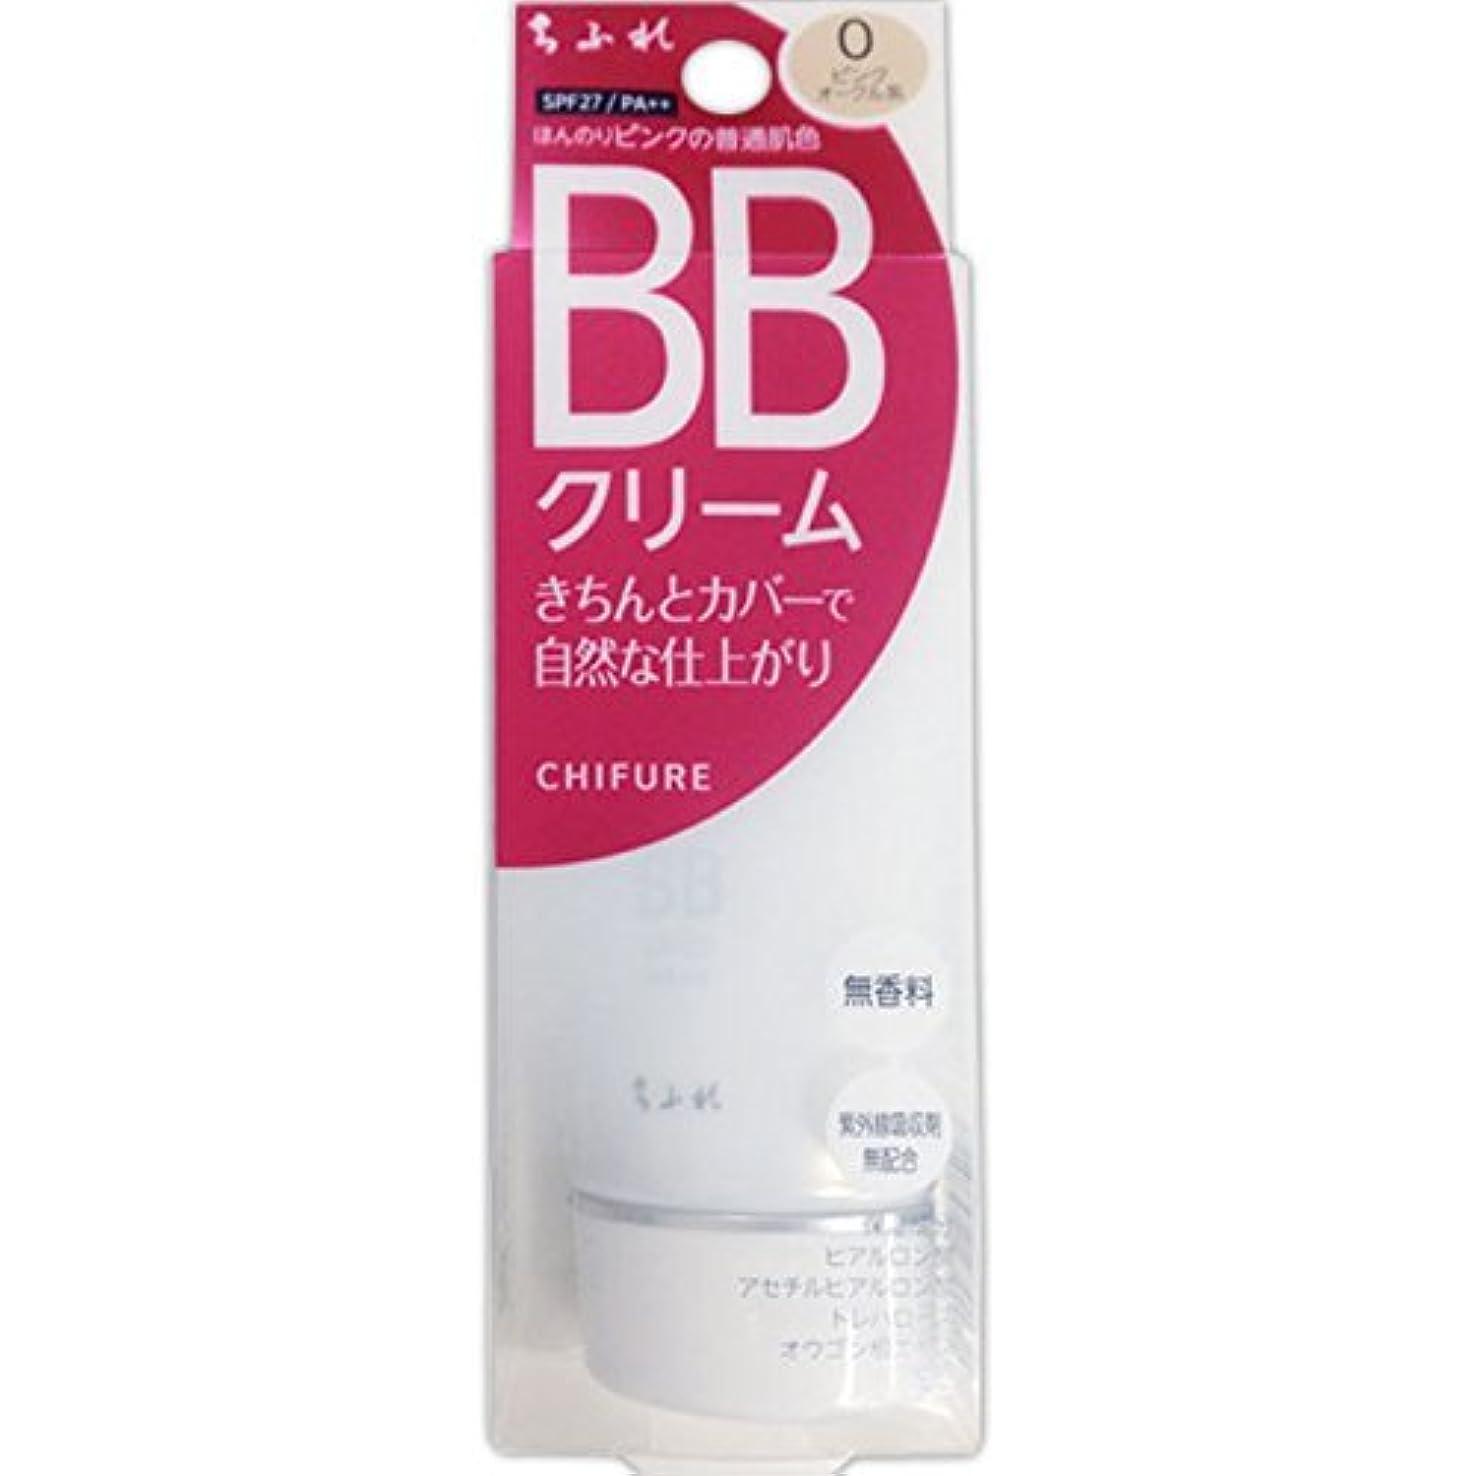 メンテナンス量くちばしちふれ化粧品 BB クリーム ほんのりピンクの普通肌色 0